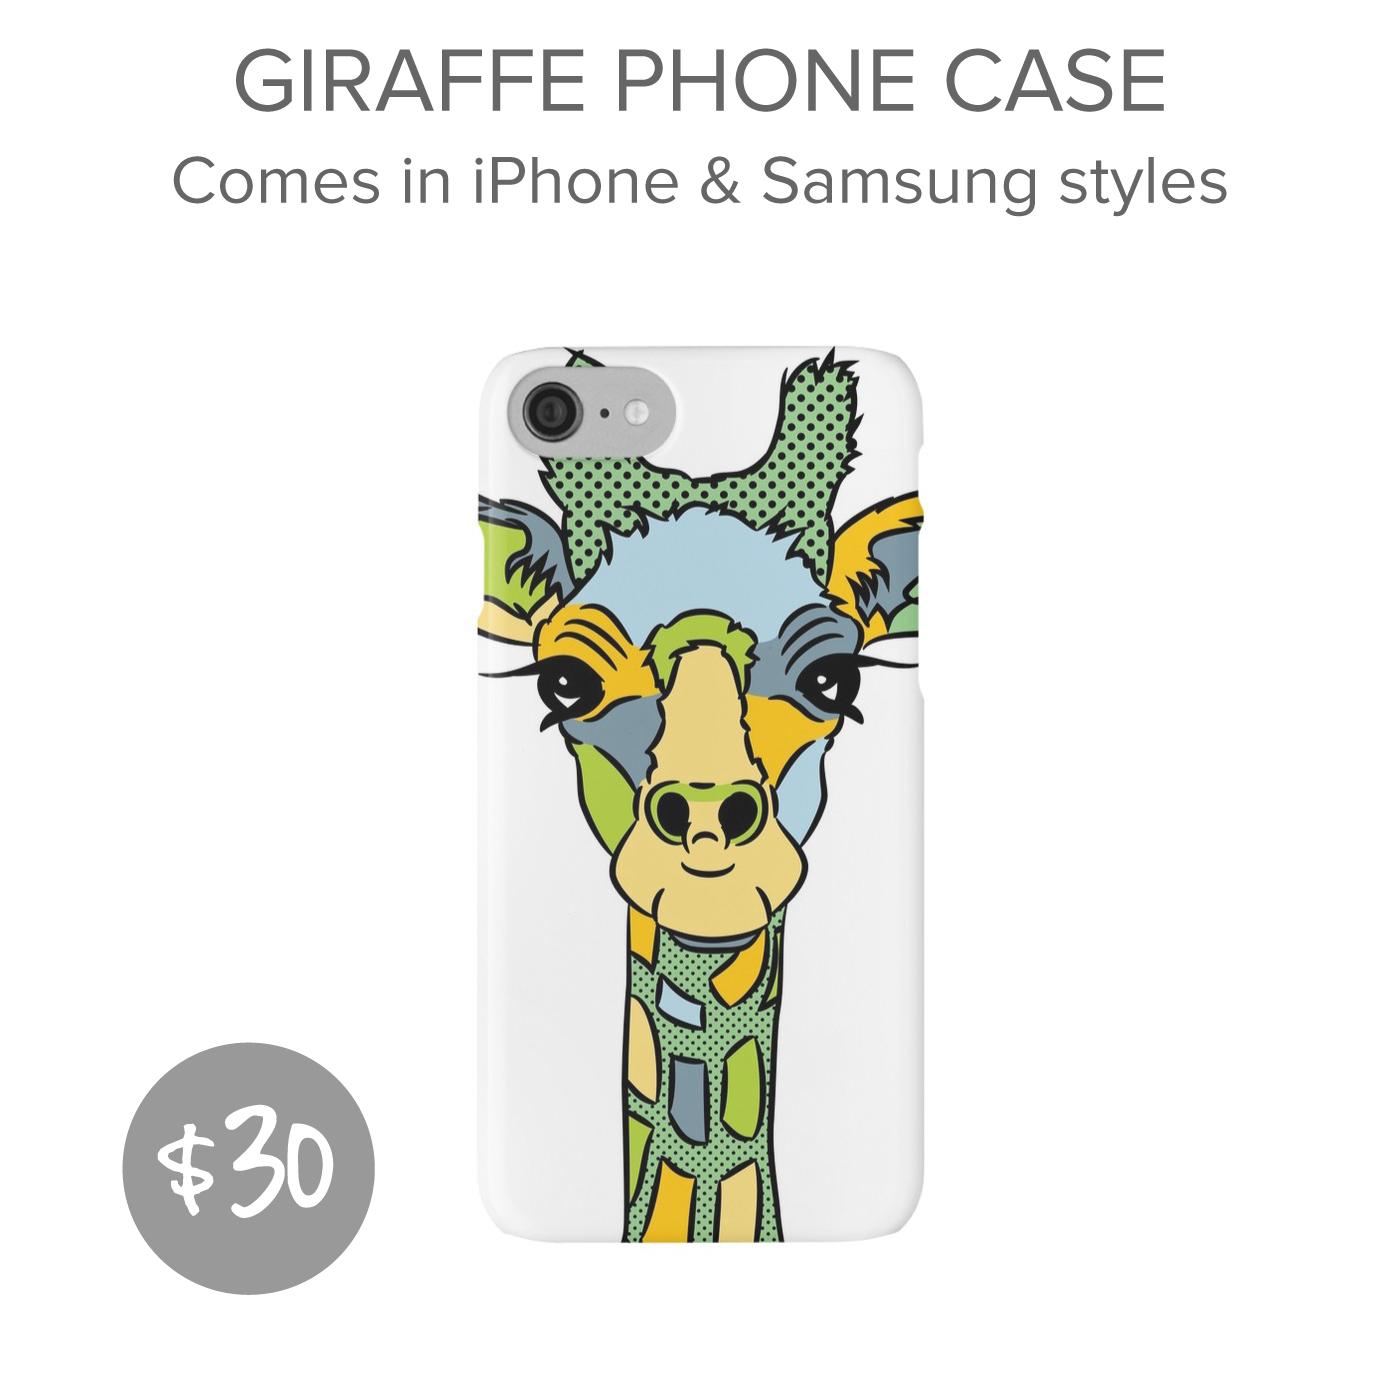 GIRAFFE-PHONE-CASE.jpg